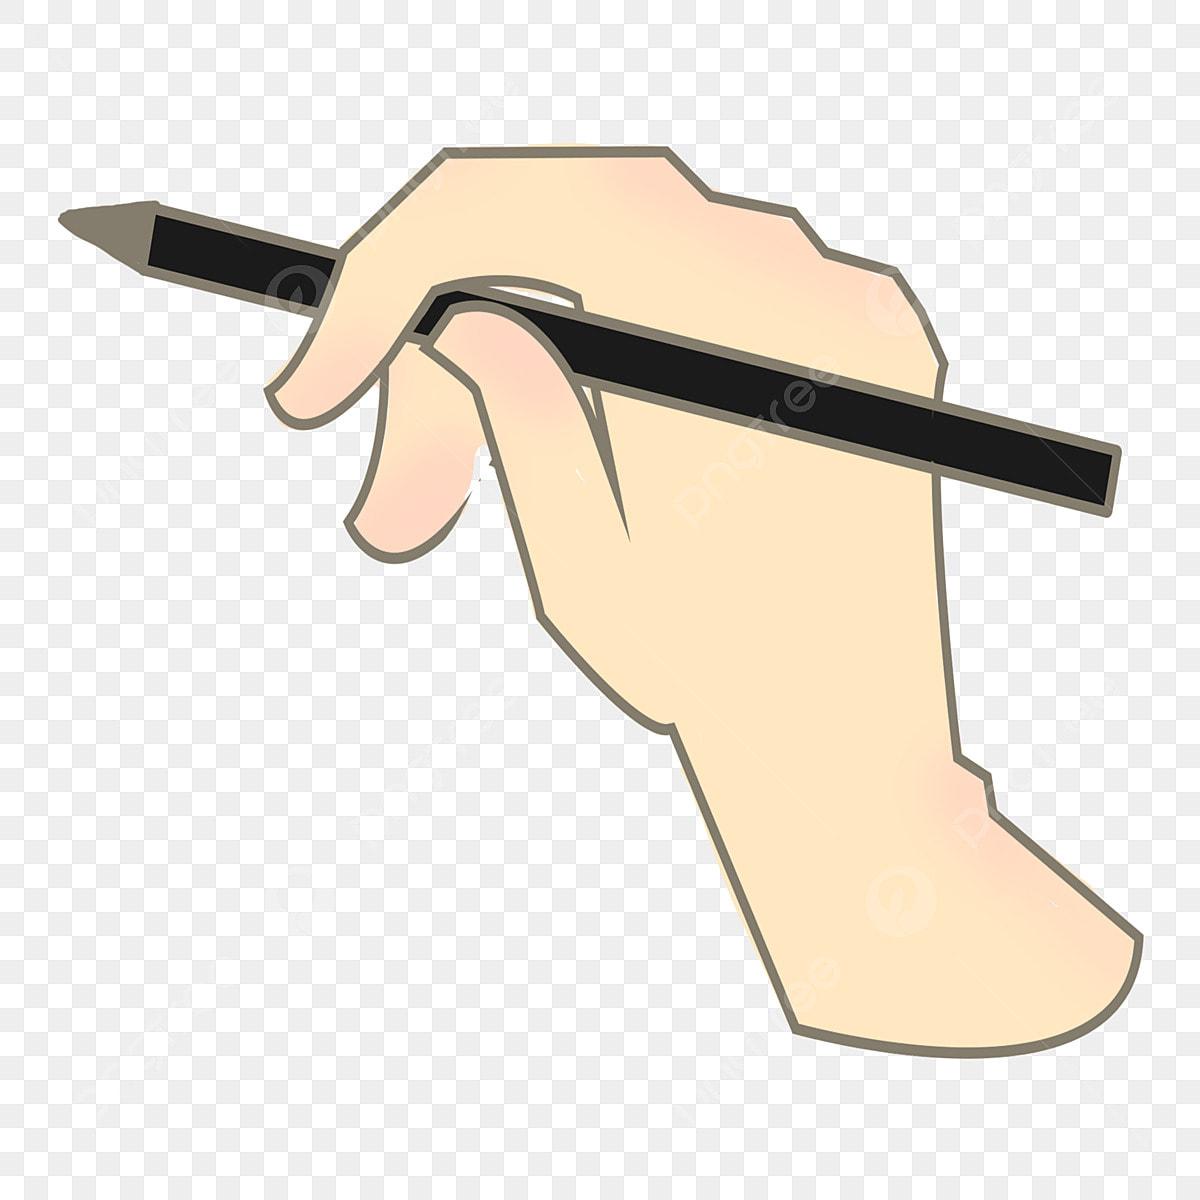 قلم أسود يد واحدة يحمل قلم ا رسم يحمل توضيحي قلم أسود Png وملف Psd للتحميل مجانا